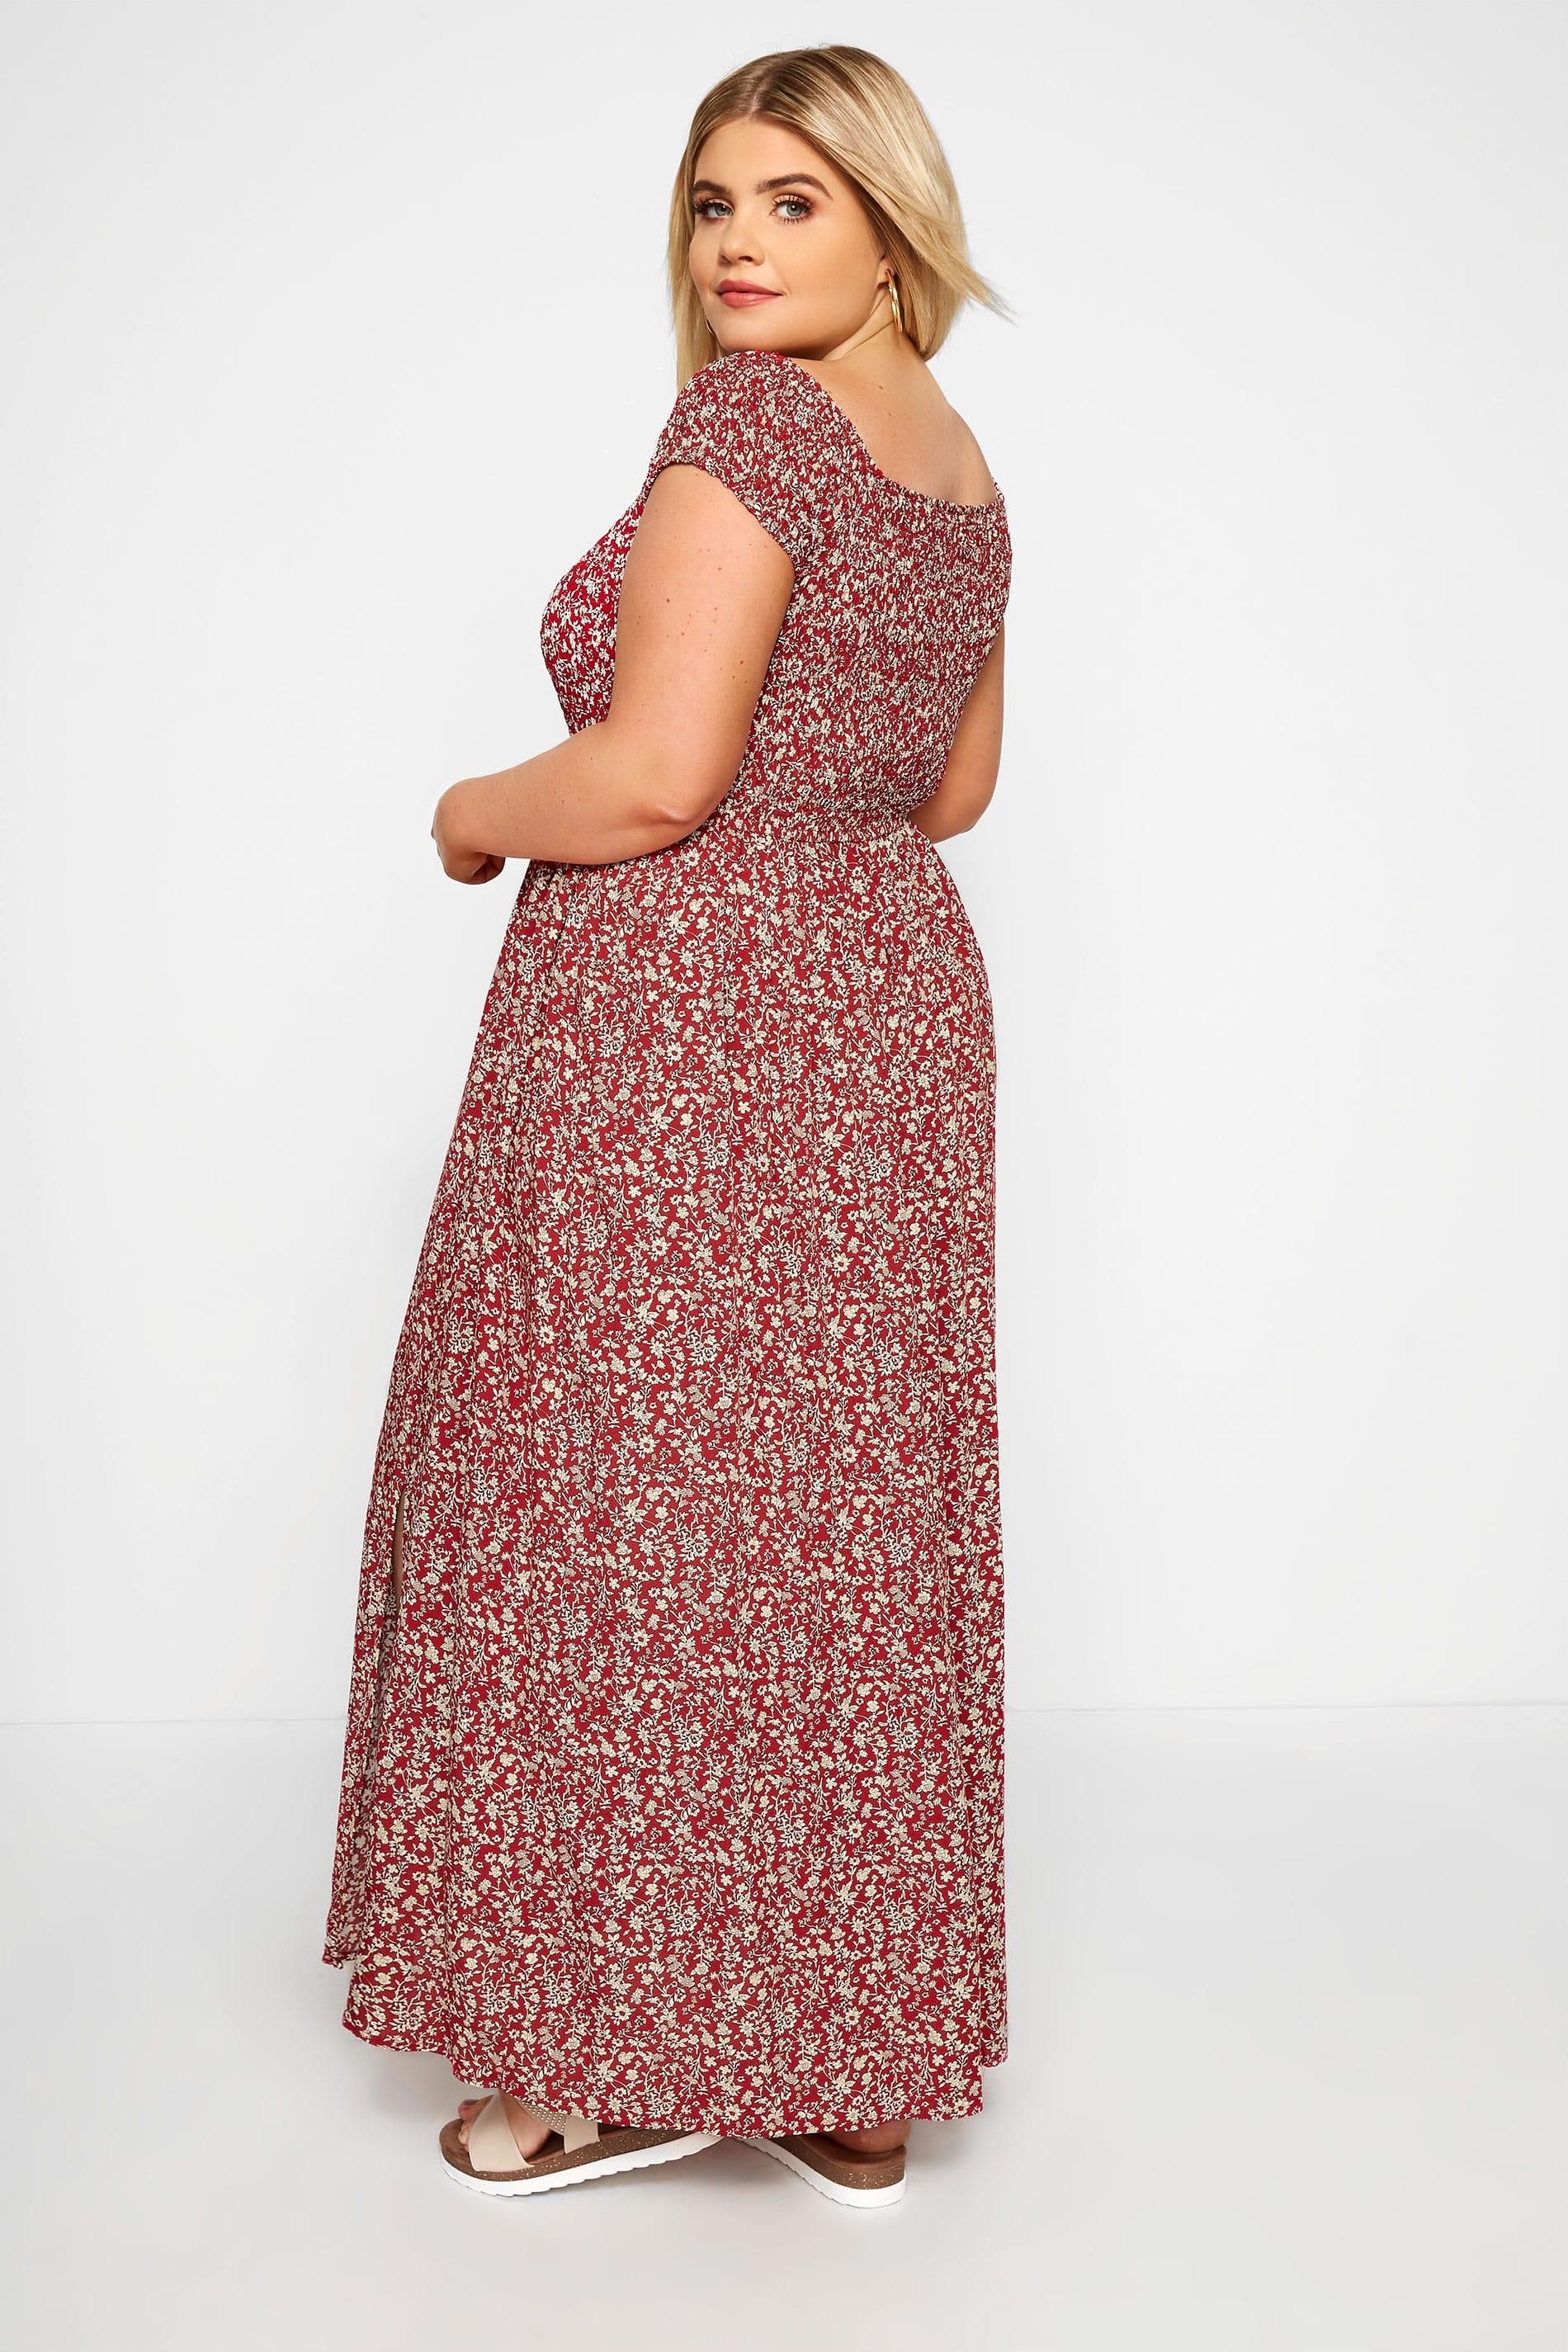 Maxi-Kleid mit Blümchen - Rot, große Größen 44 bis 64